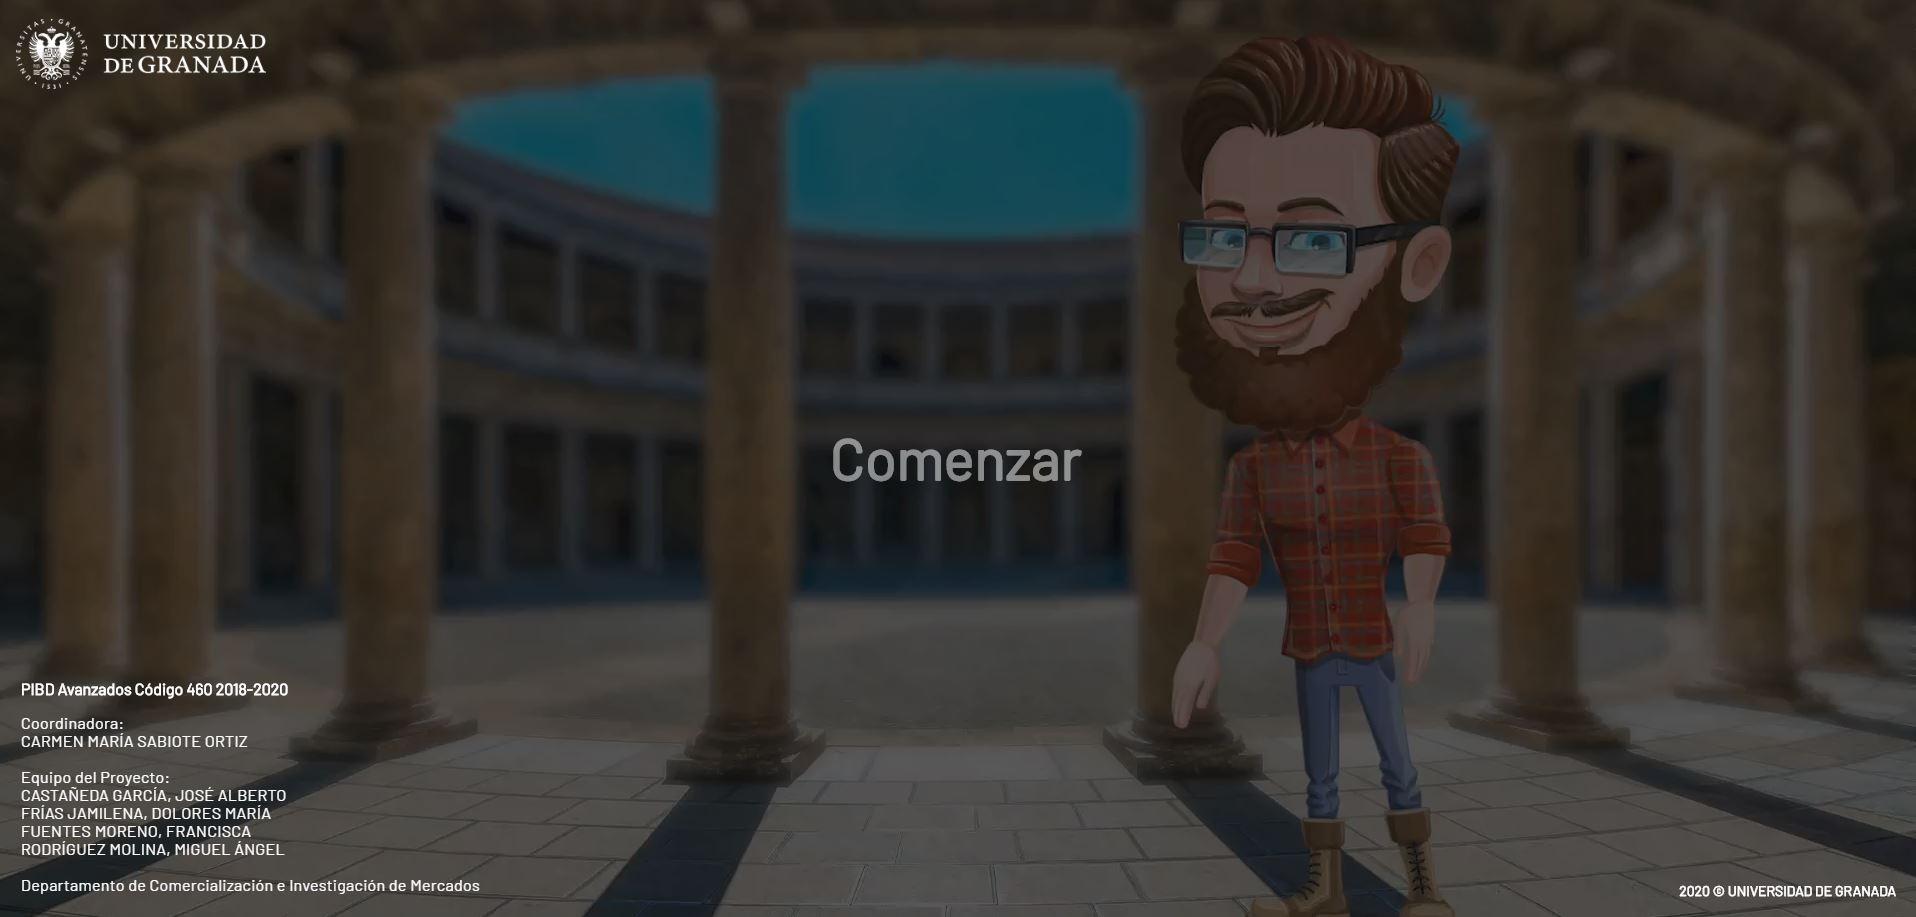 Profesores de la UGR desarrollan un video interactivo que permite pasear por Granada sin salir de casa